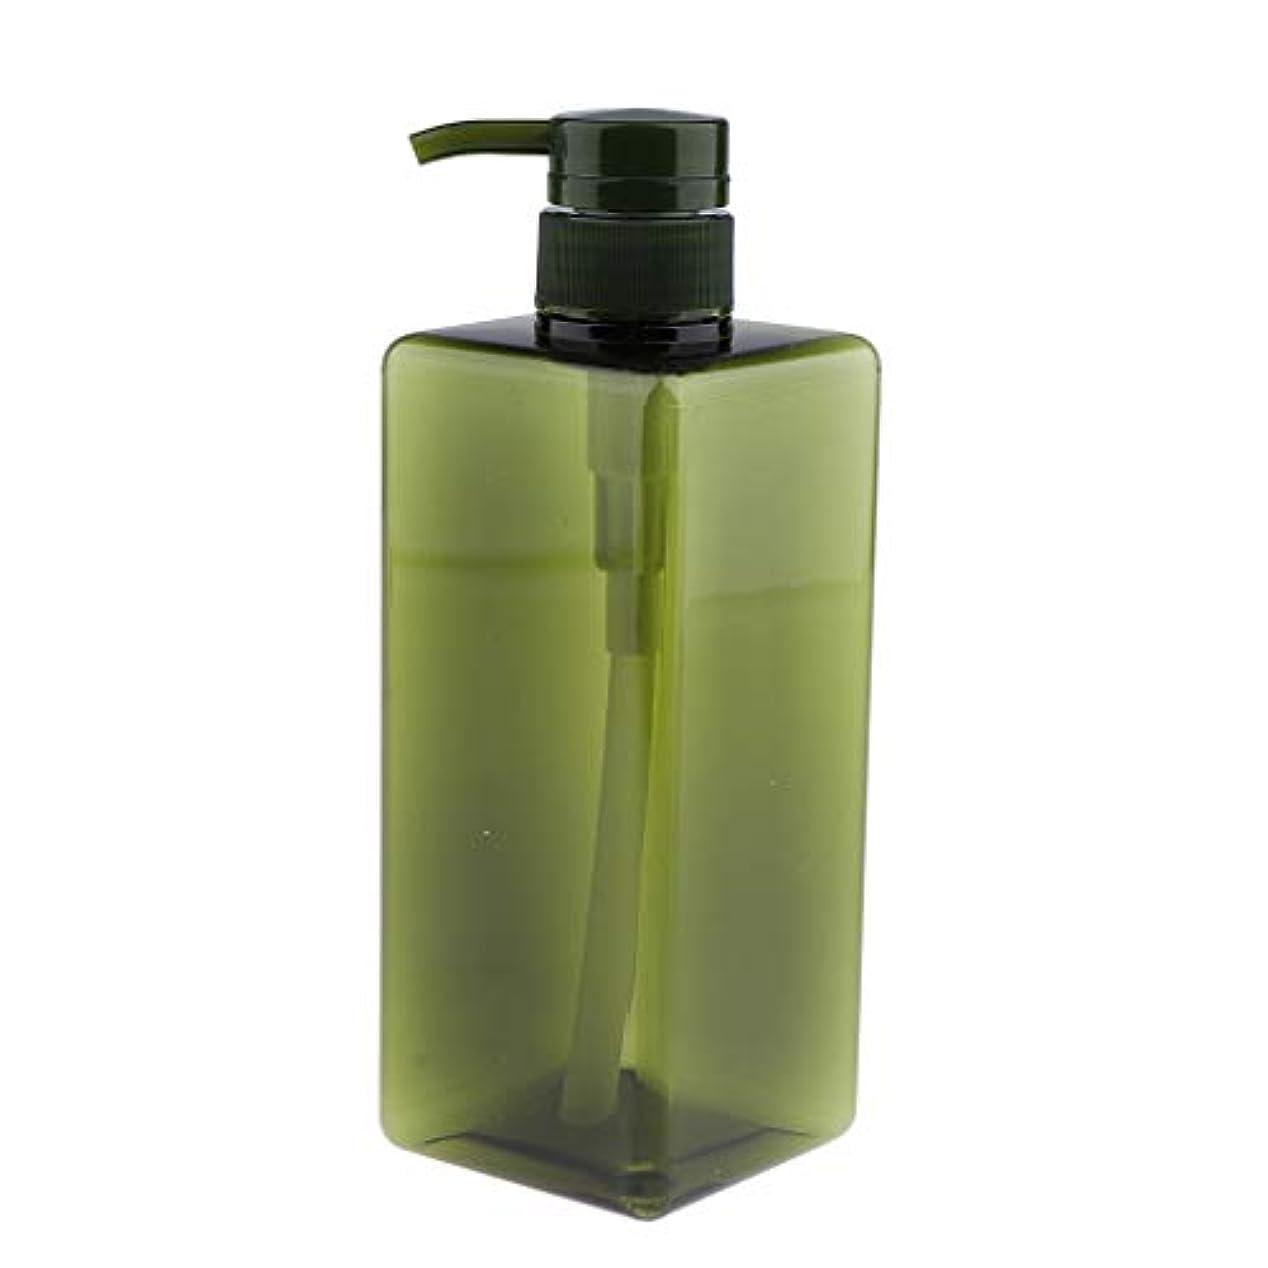 短命政府到着するIPOTCH シャンプーコンテナ ポンプボトル 大容量 650ml 4色選べ - グリーン